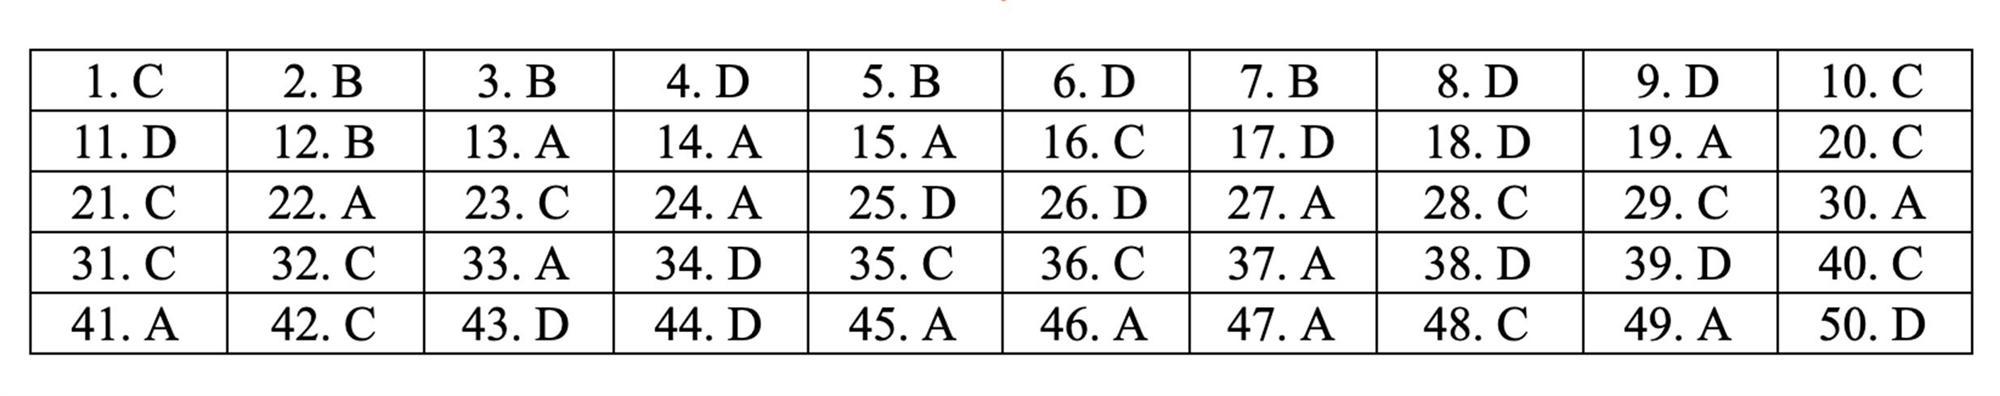 Đáp án tham khảo môn Toán thi THPT quốc gia 2019 tất cả mã đề-3